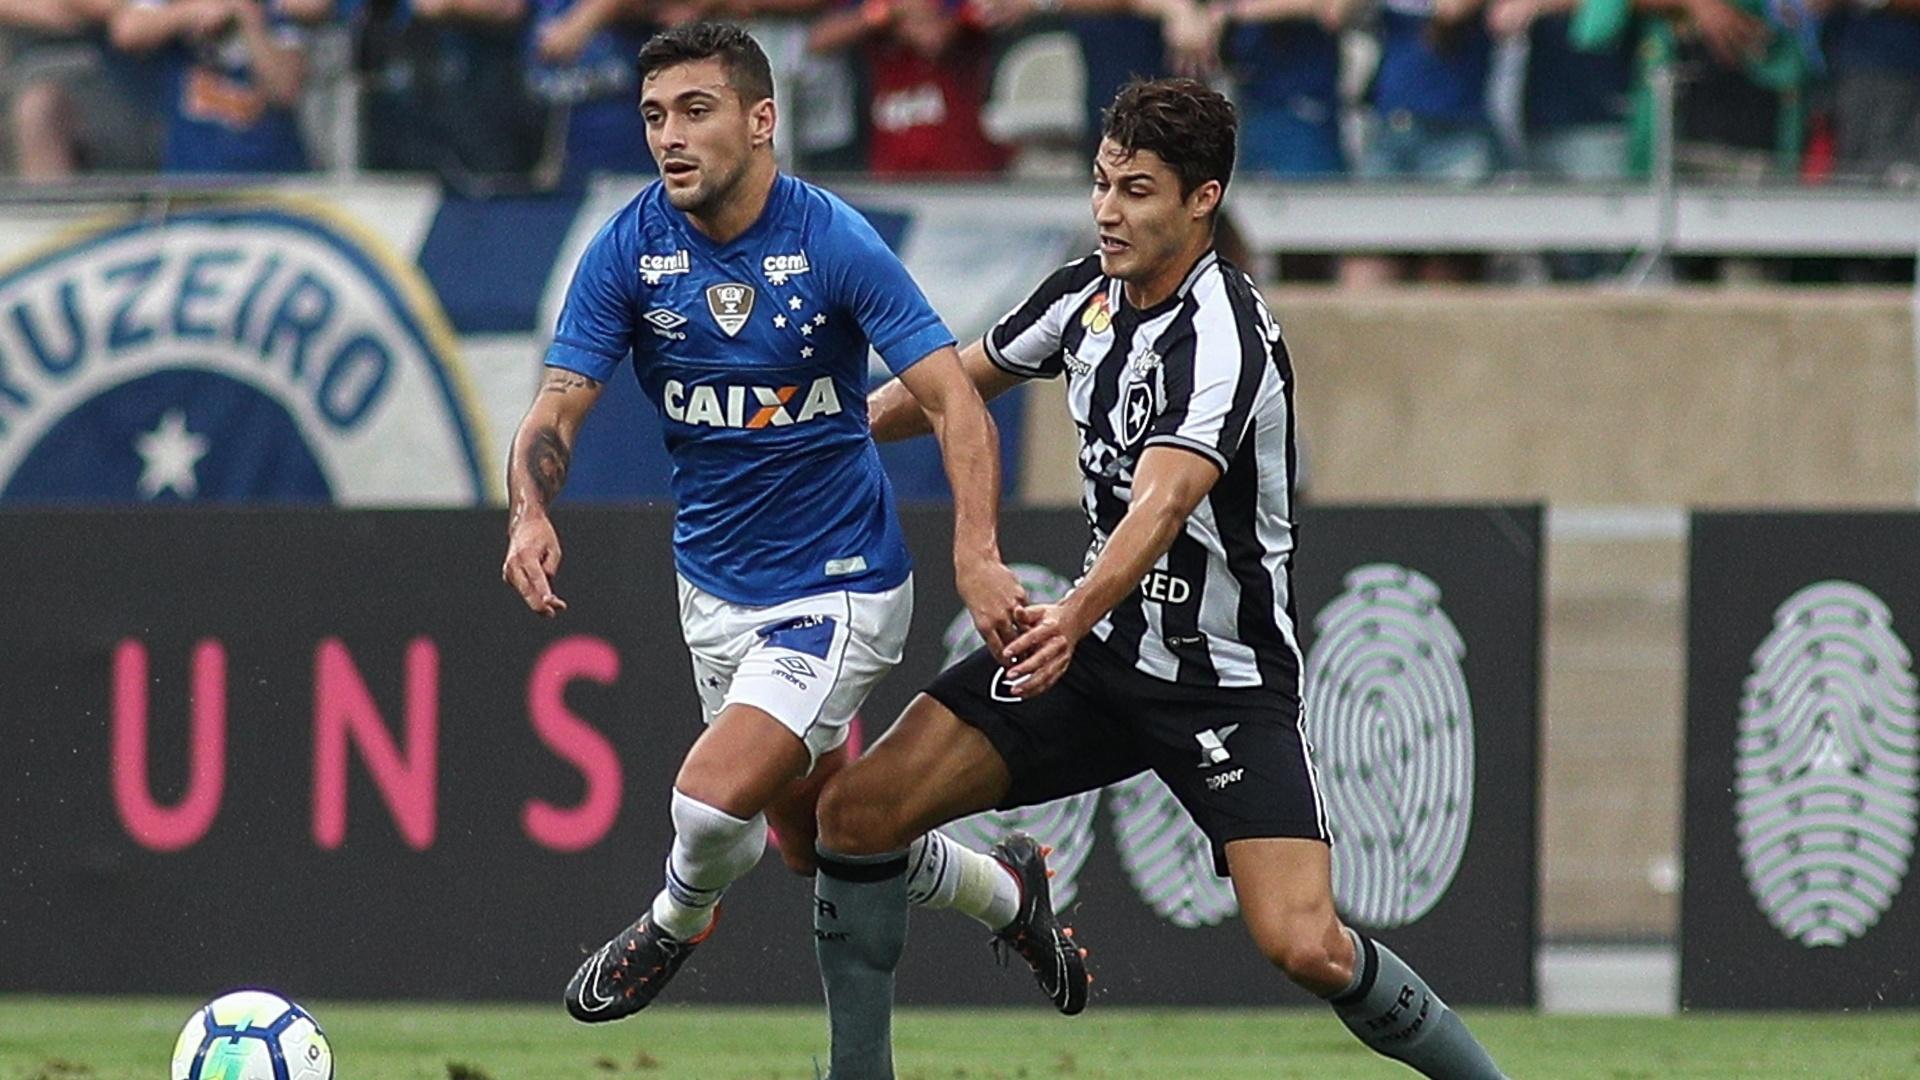 Robinho tenta passar pela marcação de Marcinho, durante a partida entre Cruzeiro e Botafogo